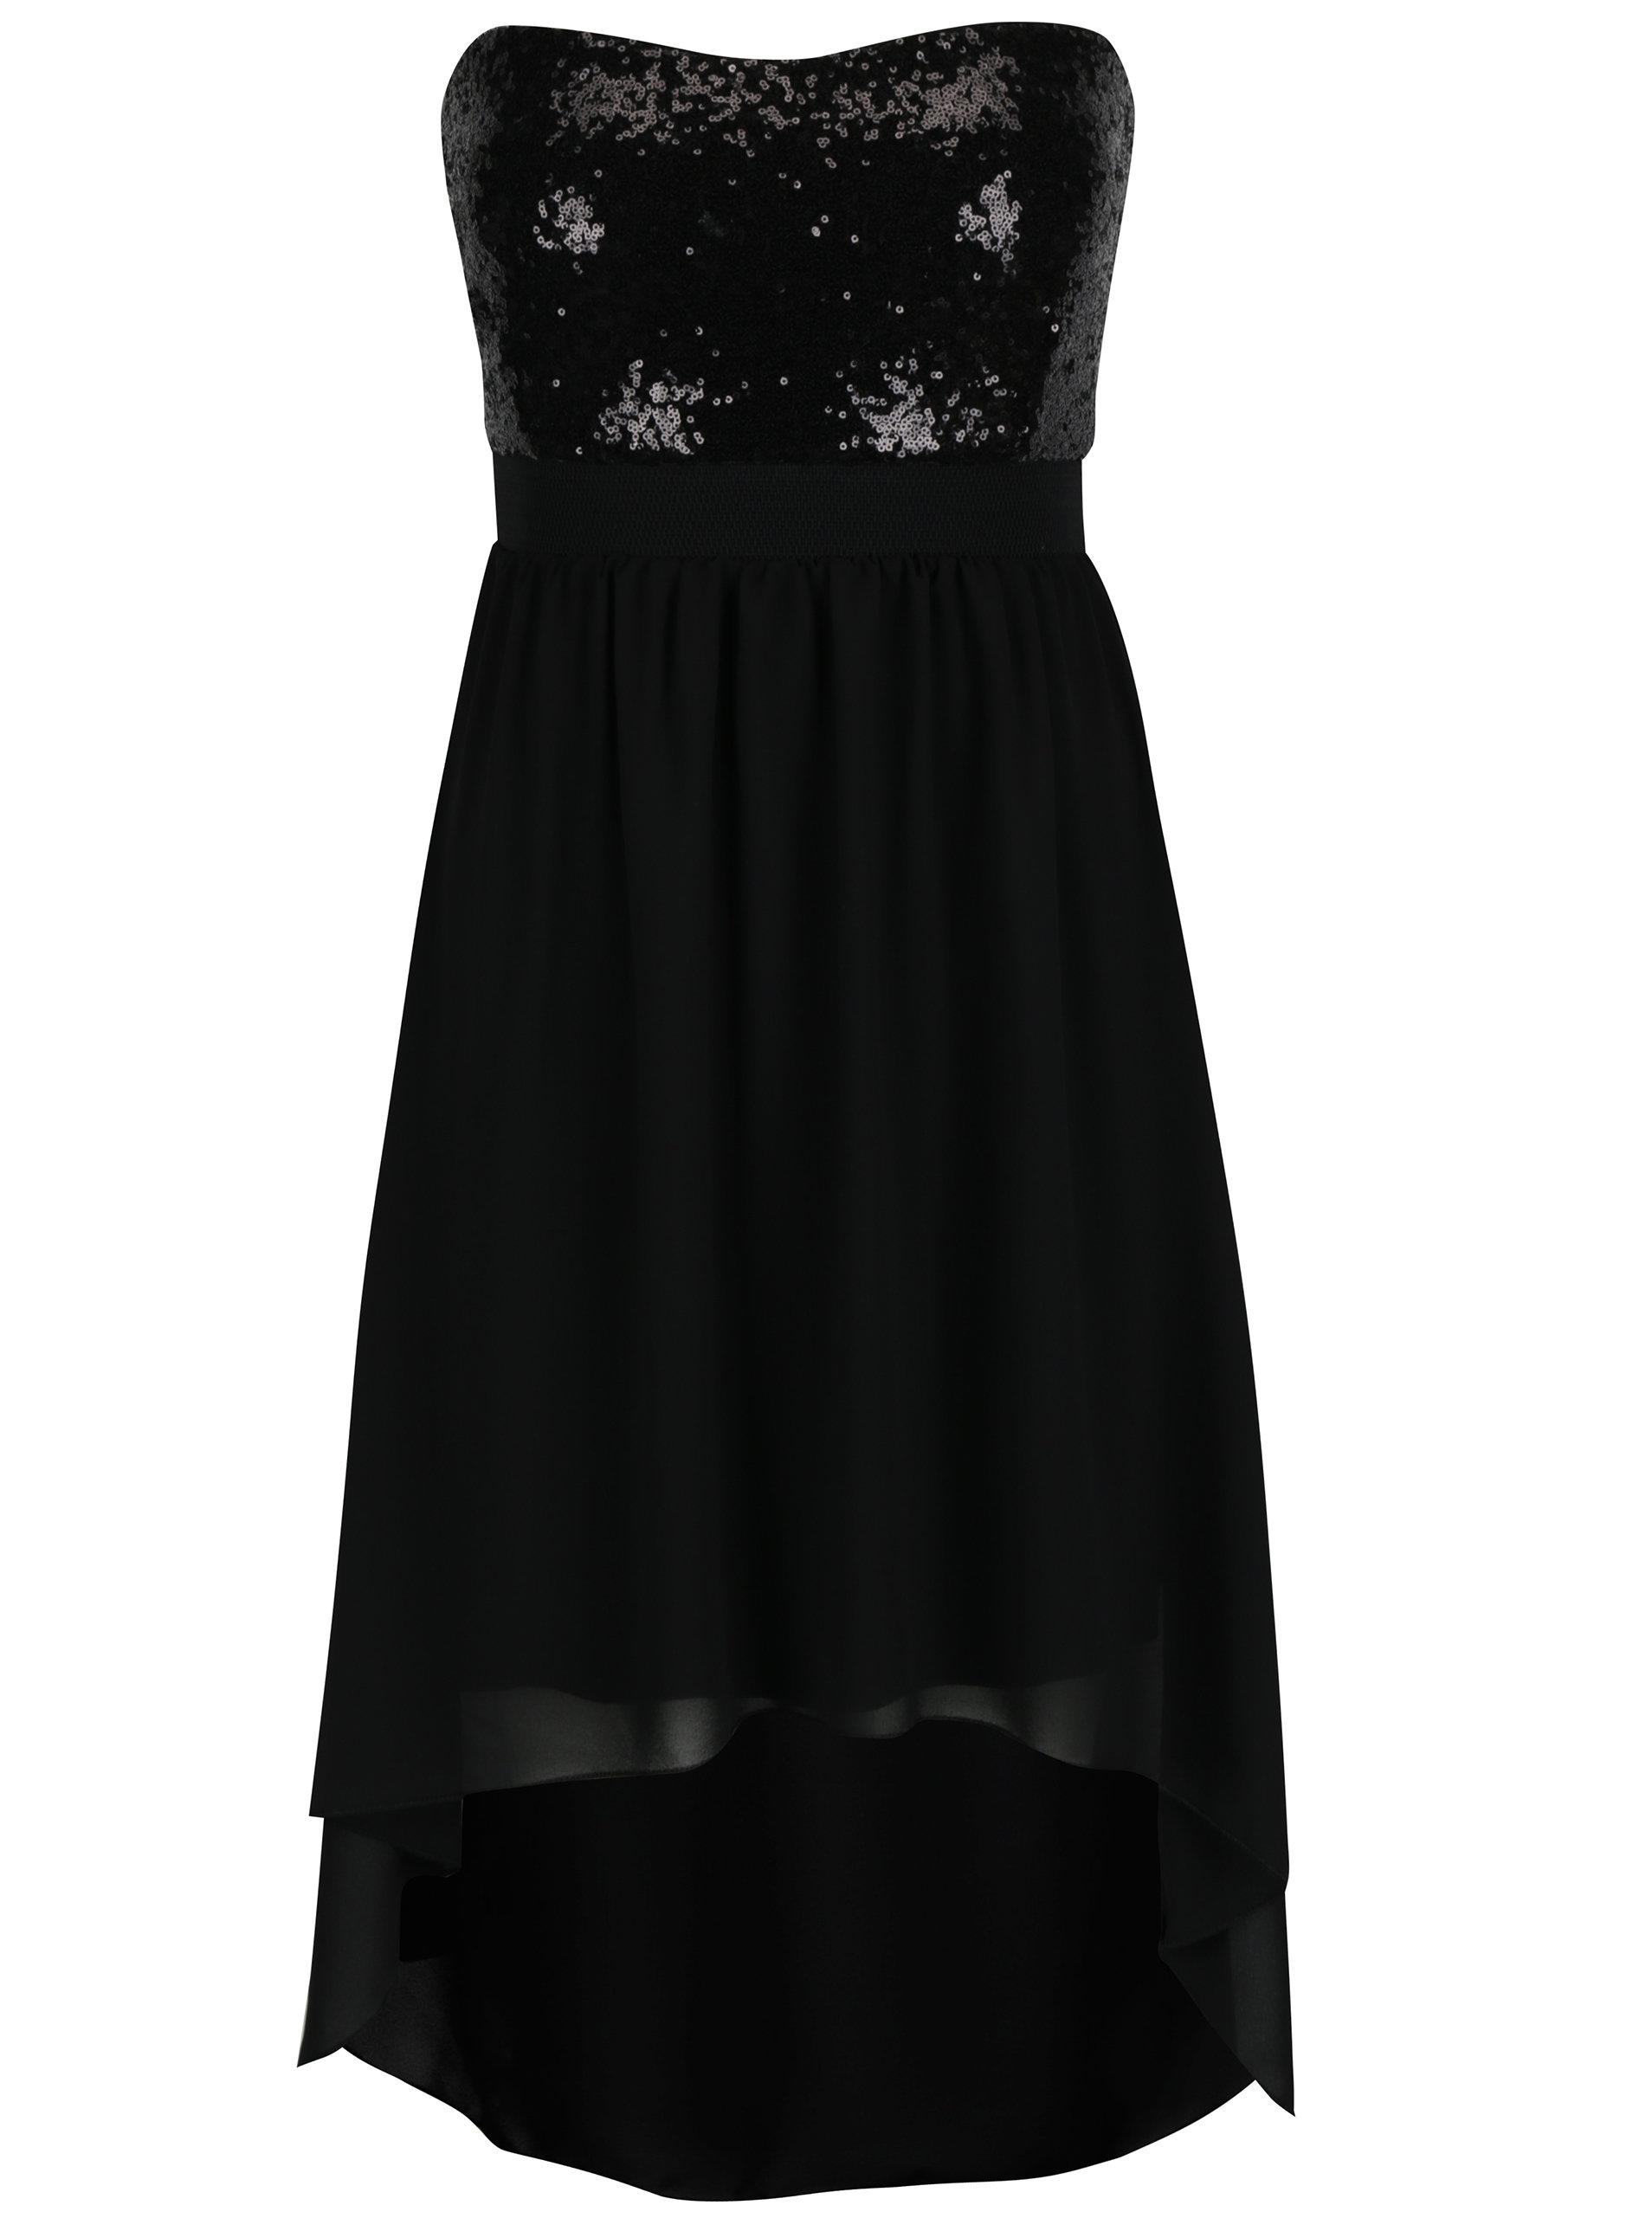 866f803bf659 Čierne šaty s flitrovaným topom bez ramienok Haily´s Gloria ...